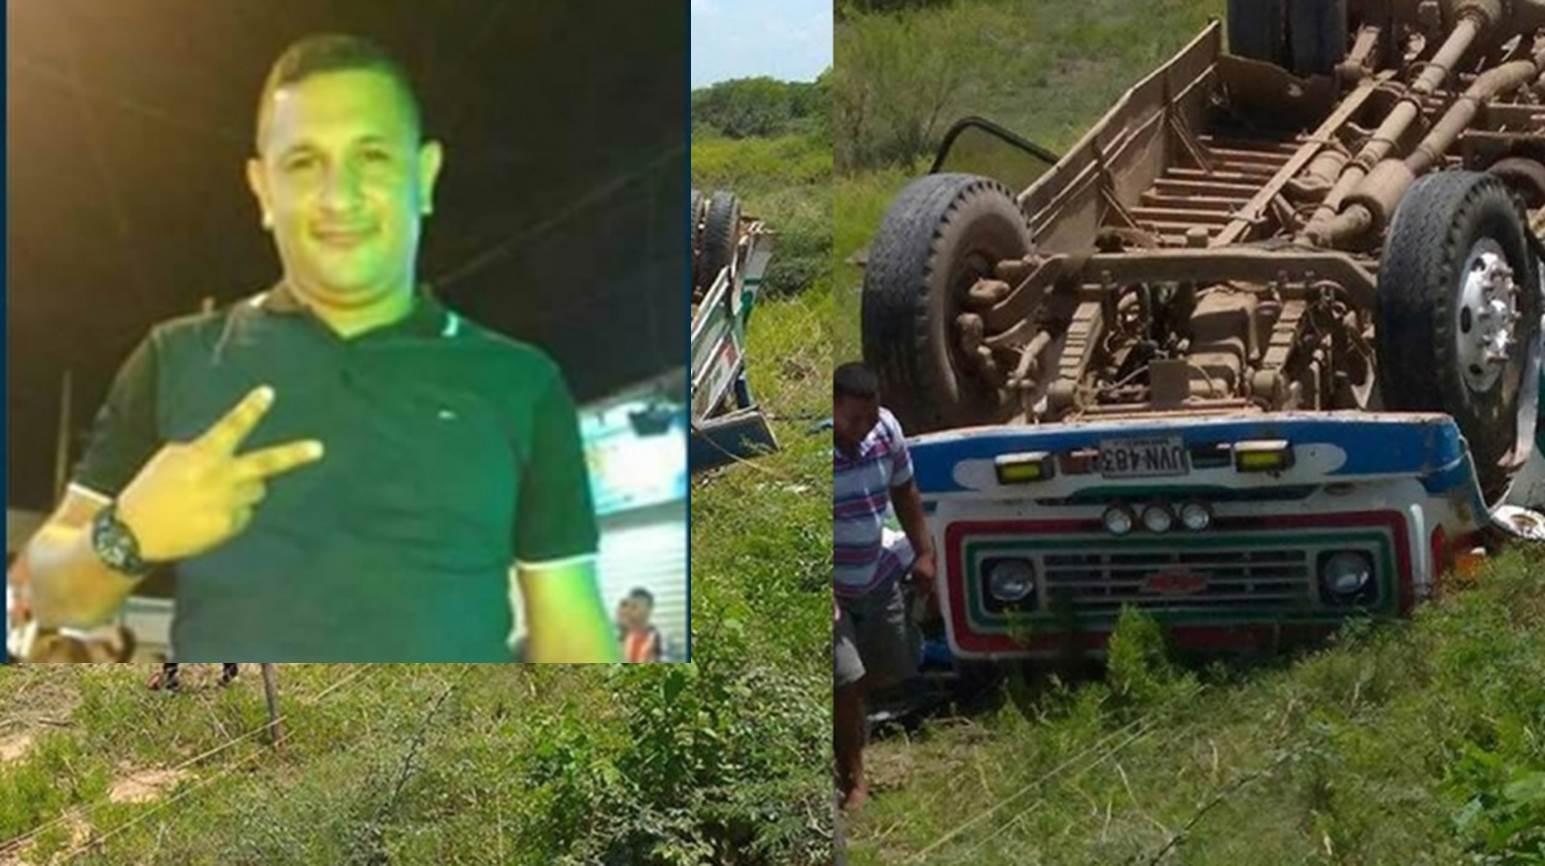 Identifican a la persona muerta en accidente en la 'Trocha de la prosperidad' en Sitionuevo, Magdalena